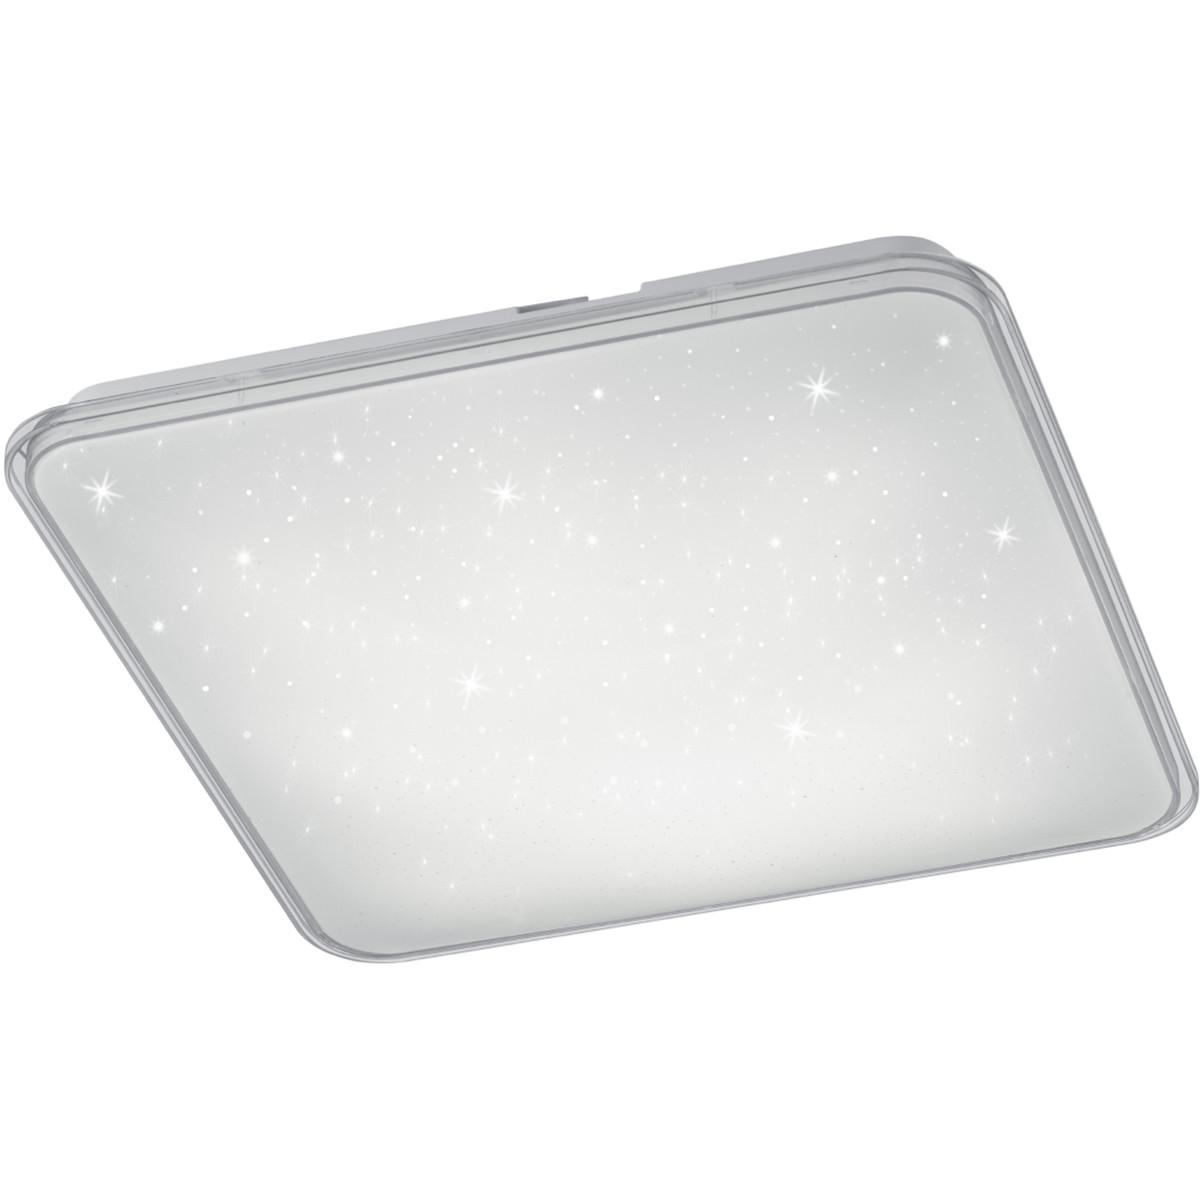 LED Plafondlamp - Trion Cintro - 21W - Natuurlijk Wit 4000K - Dimbaar - Vierkant - Mat Wit - Kunstst